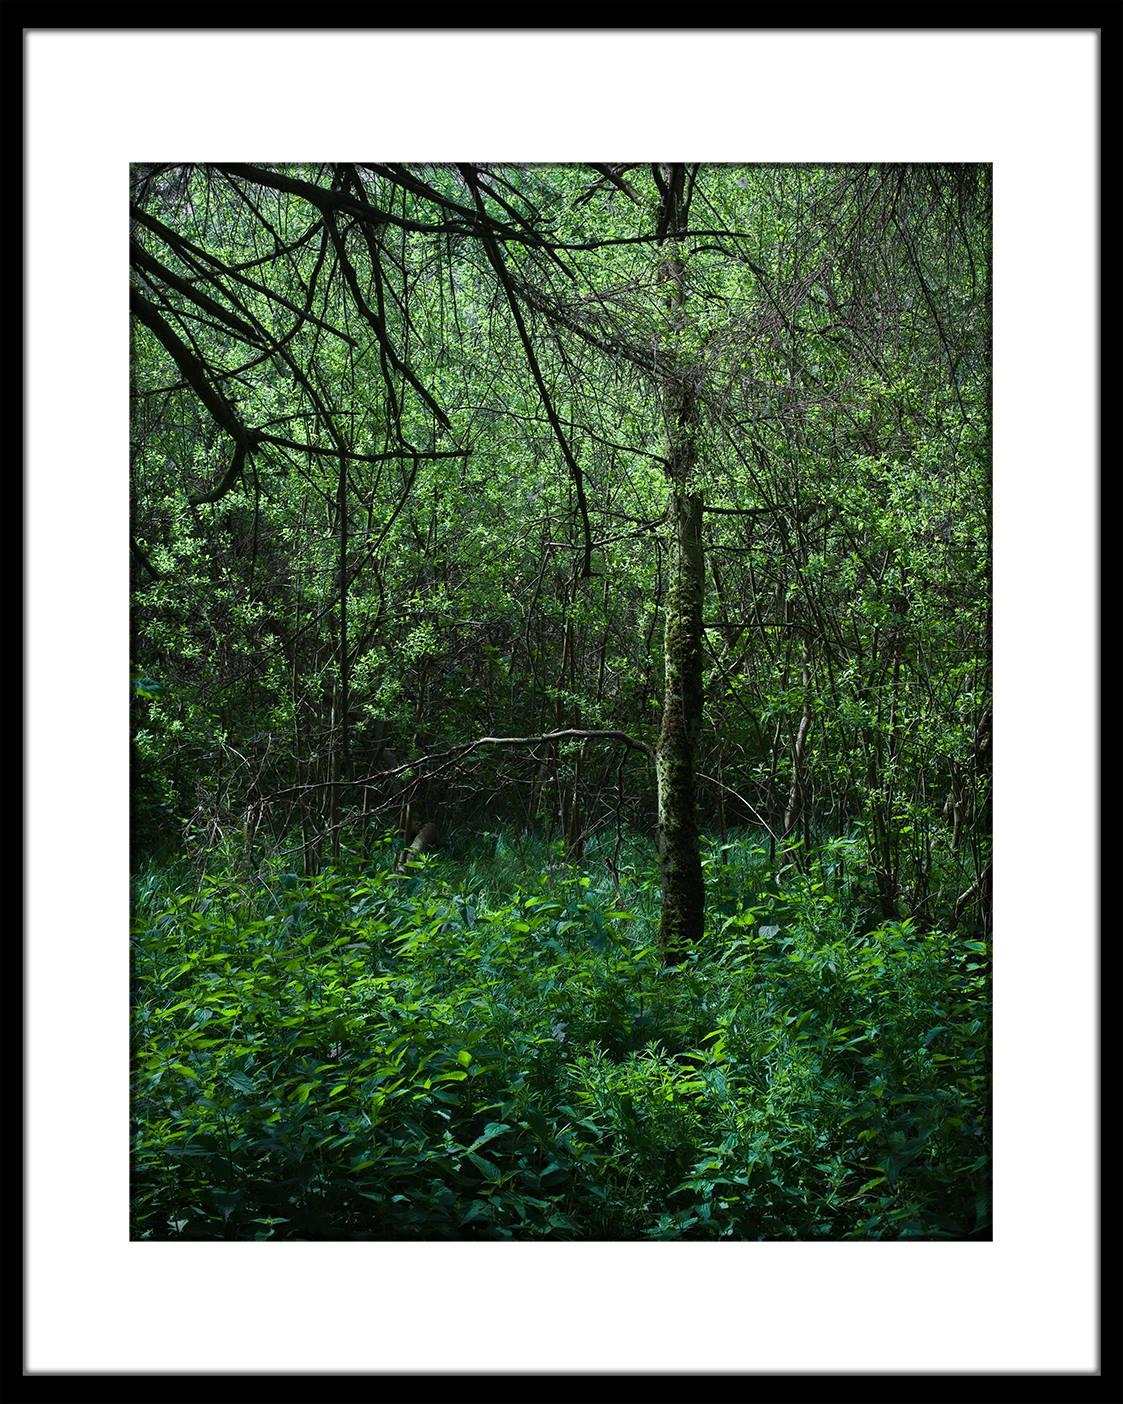 Leserfoto: Der Urwald vor der Haustür